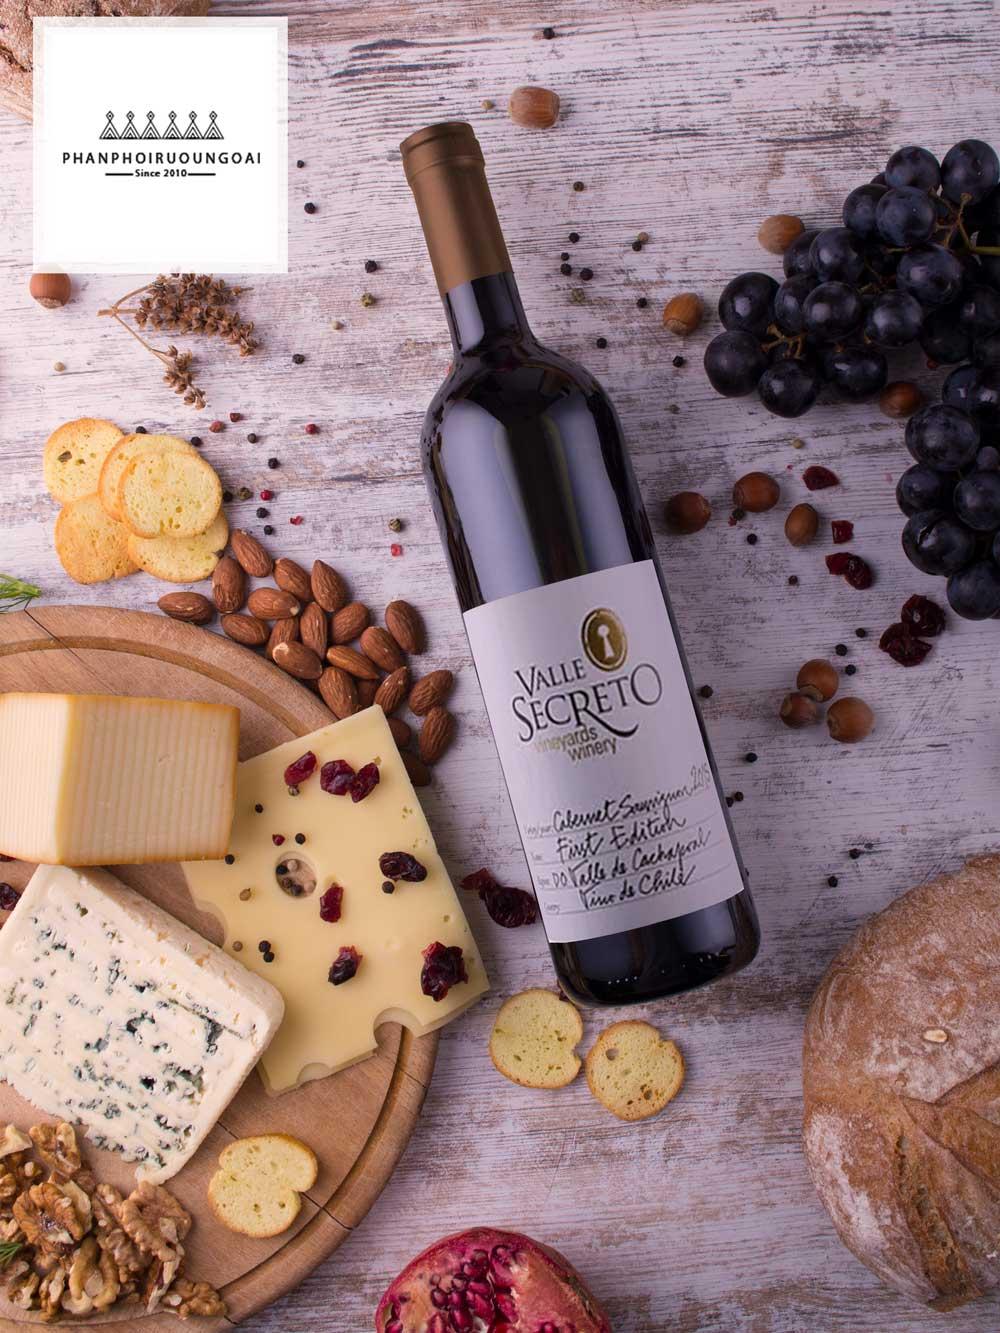 Rượu vang First Edition trên bàn ăn